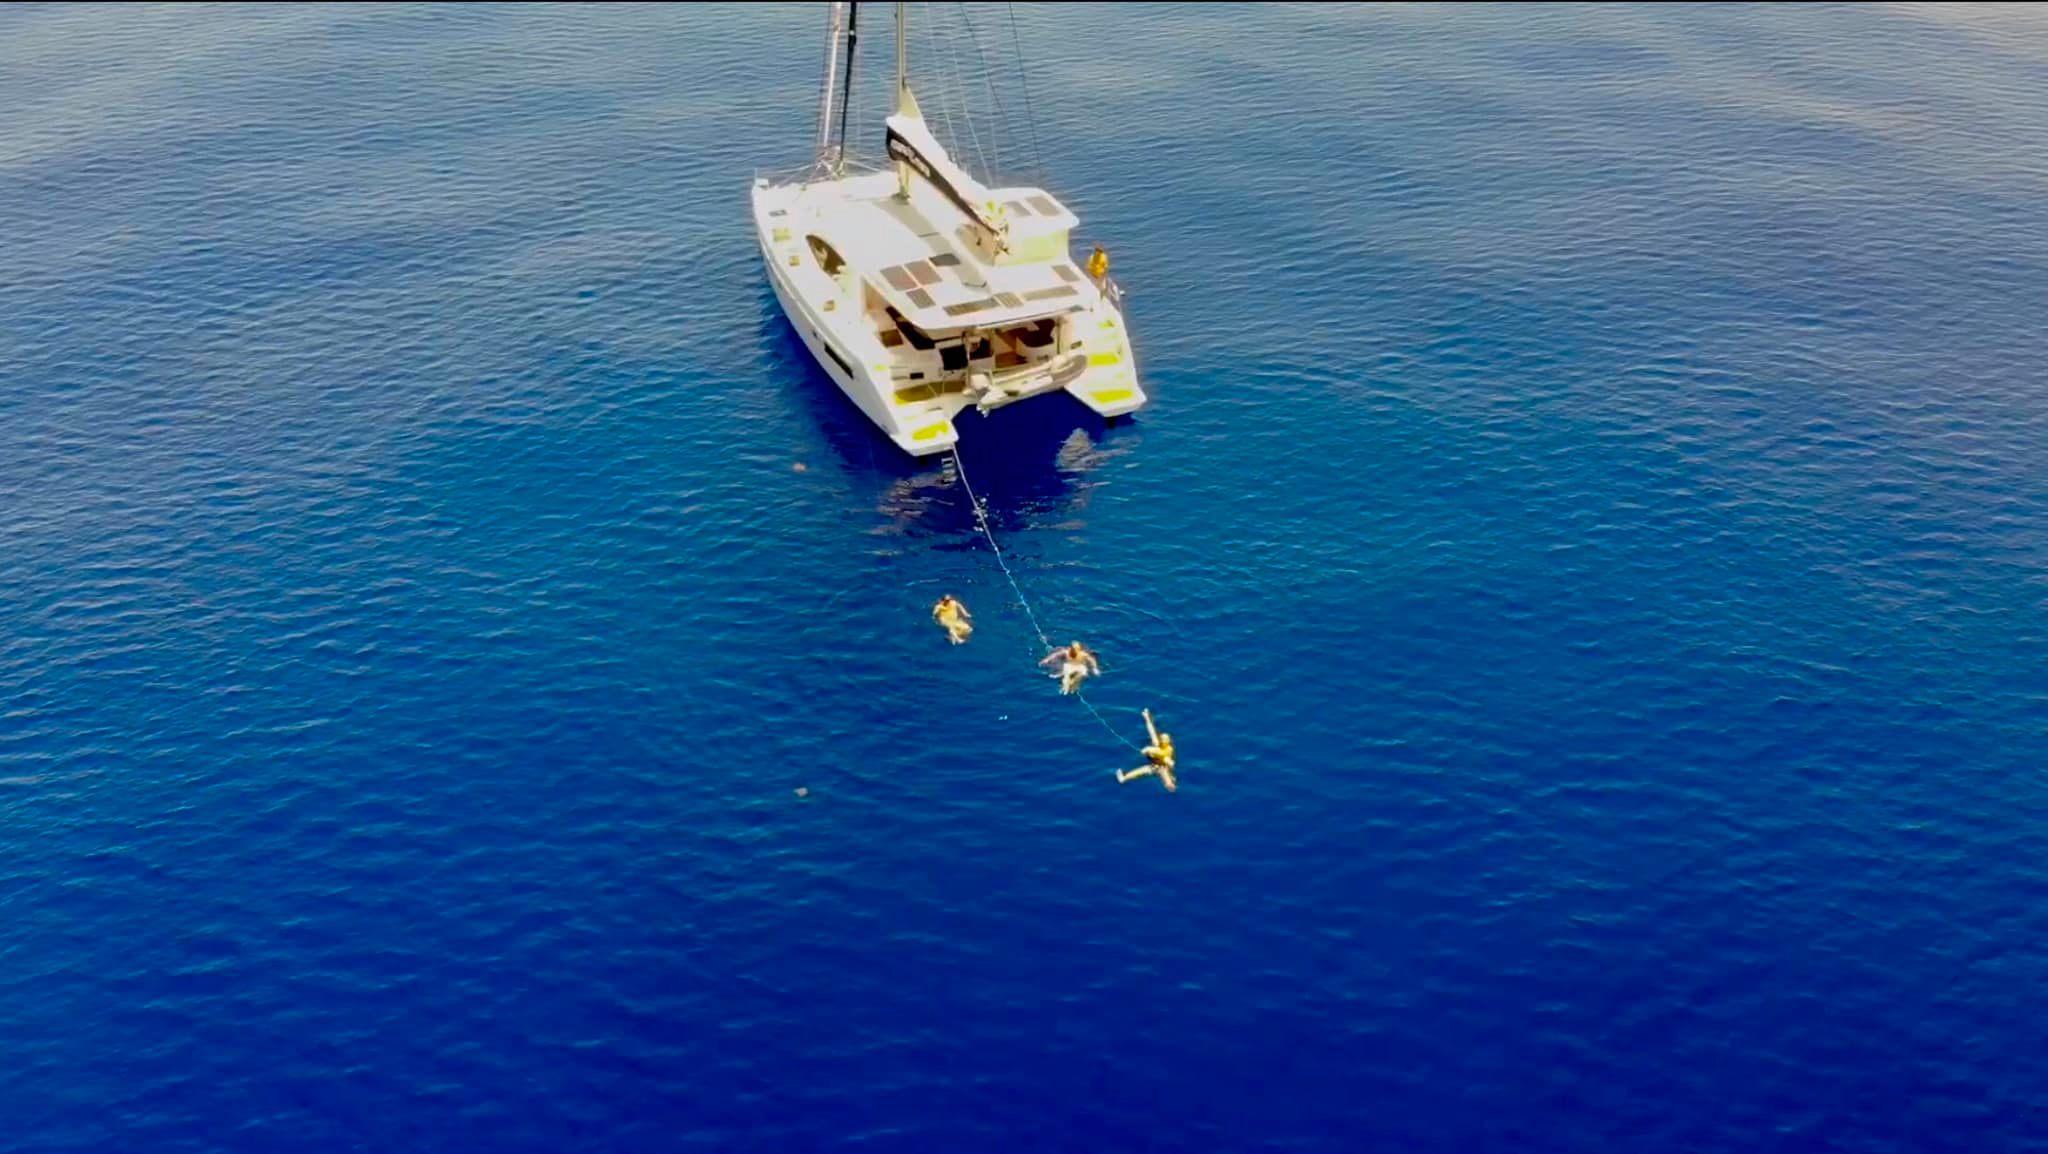 катамаран мана мана купание в океане